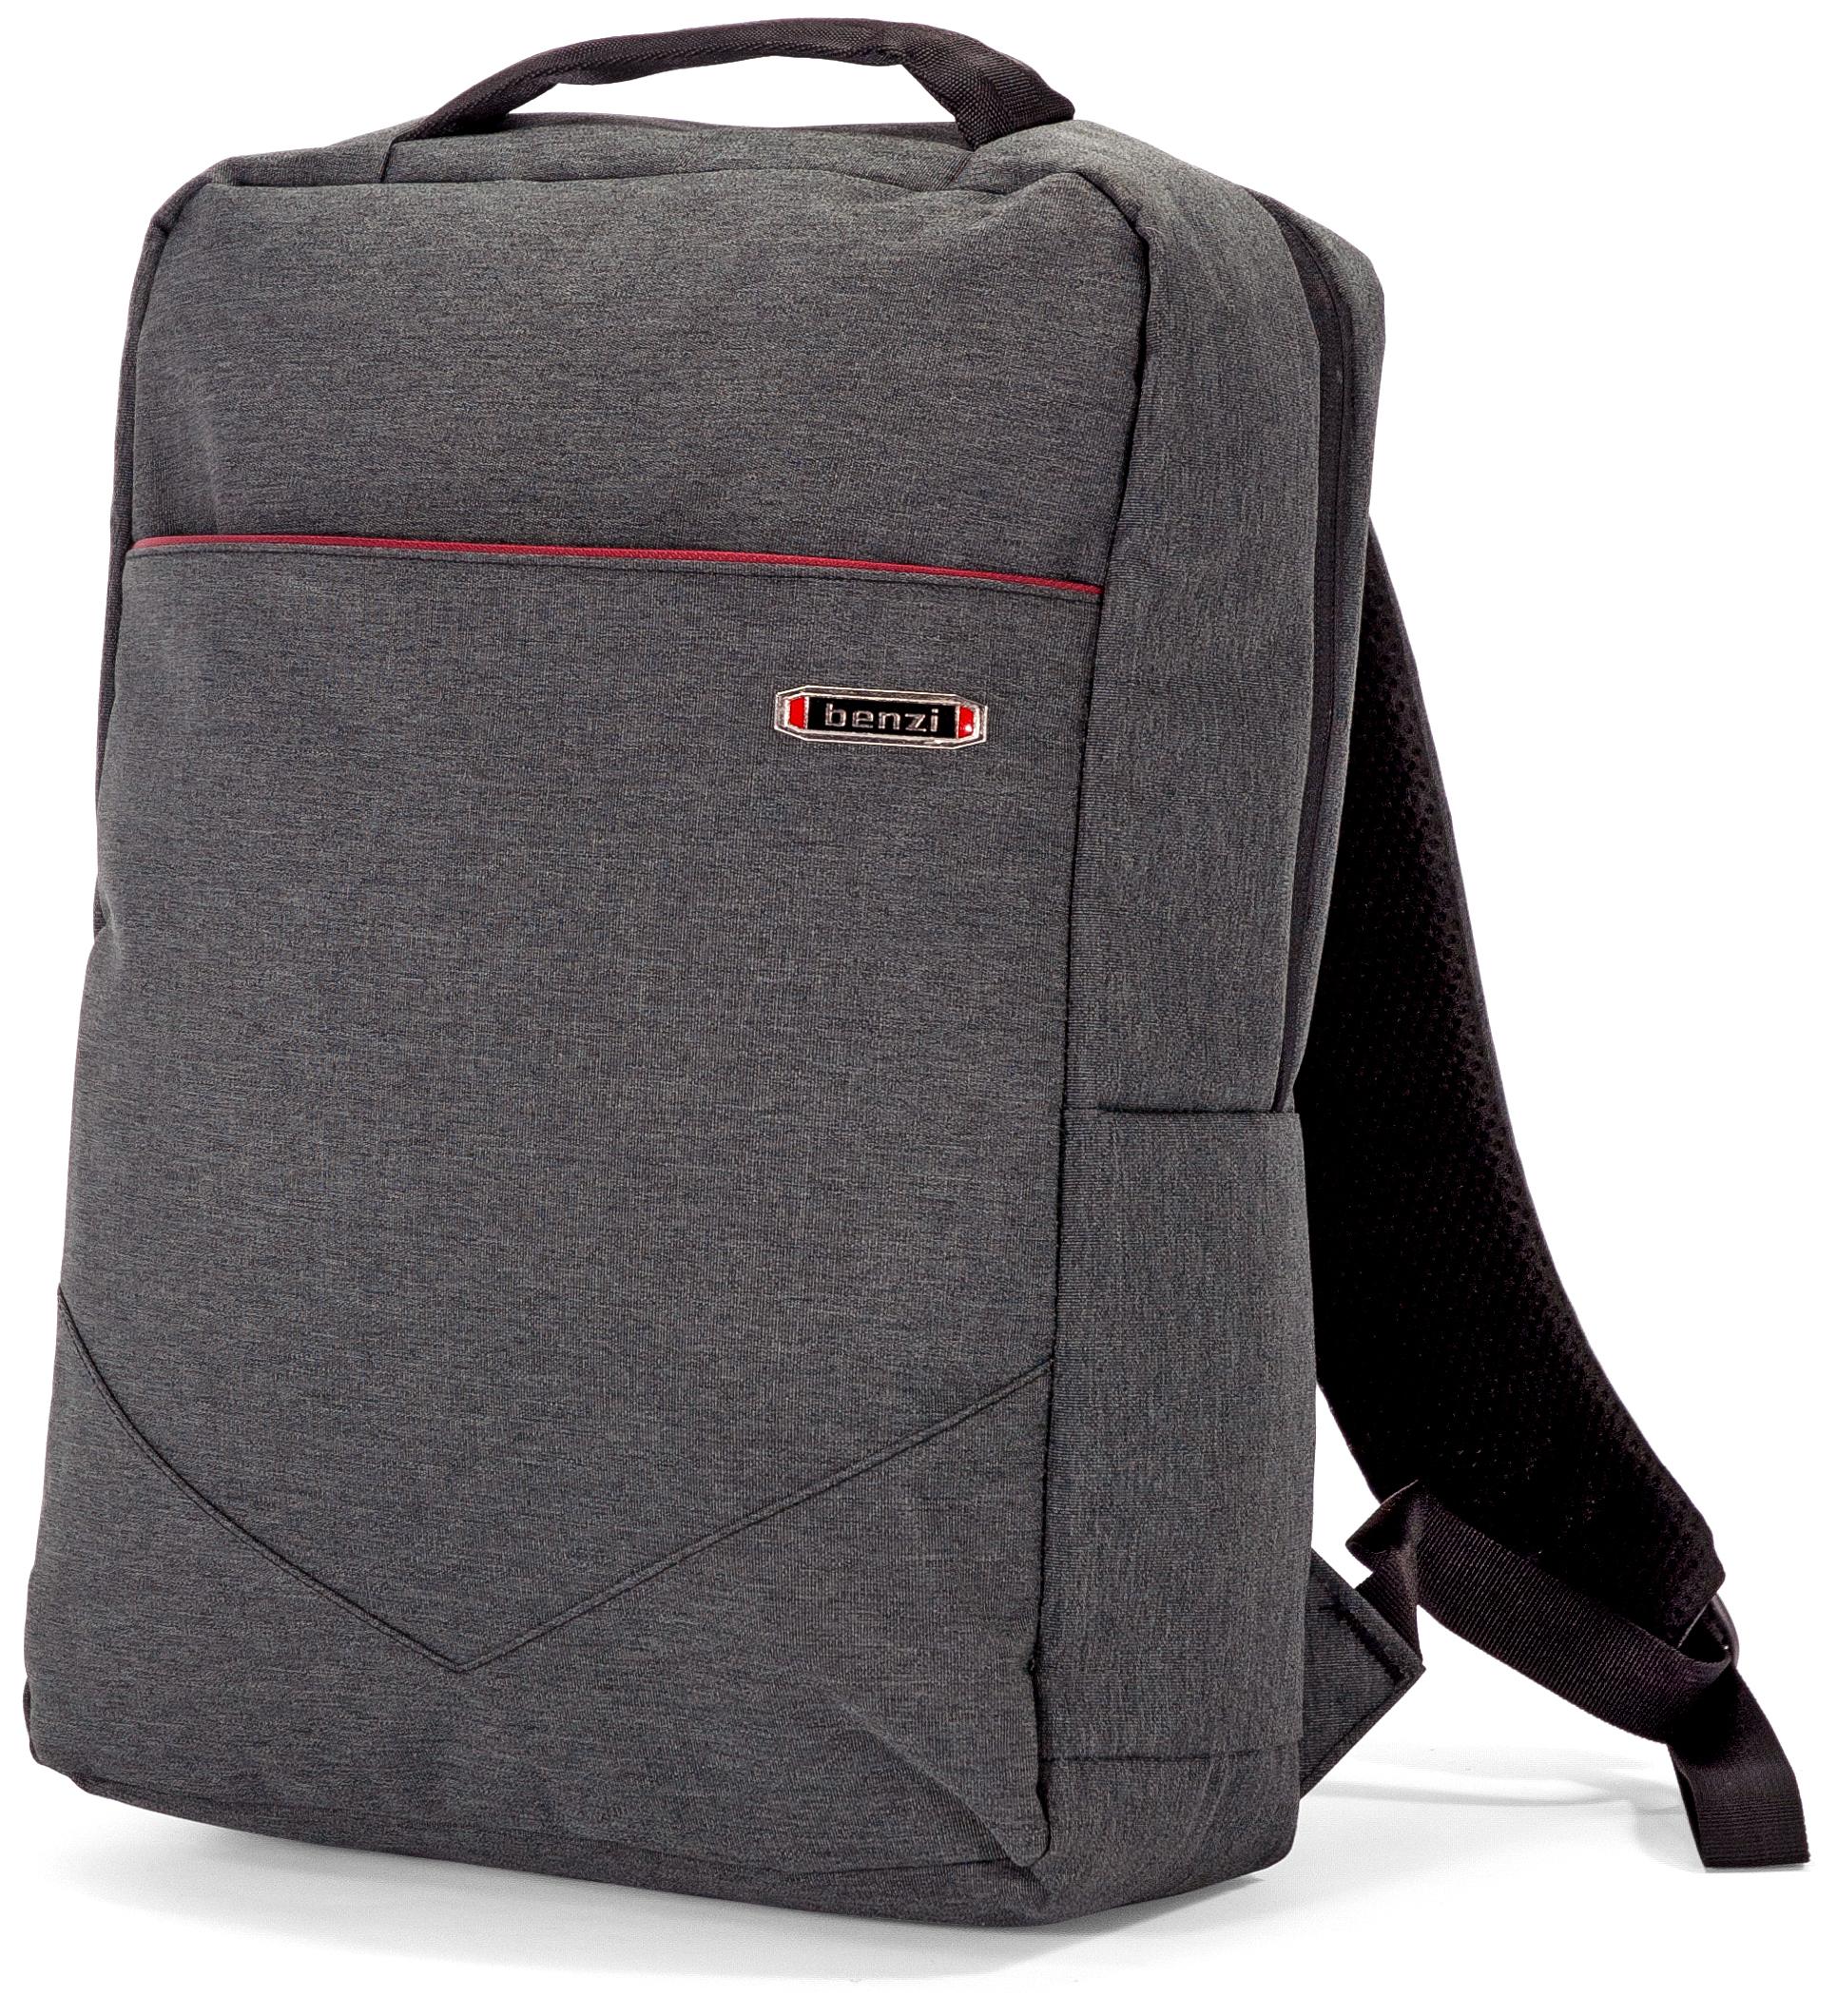 Τσάντα Πλάτης για Laptop 15.6 ίντσες Benzi BZ5454 Γκρι